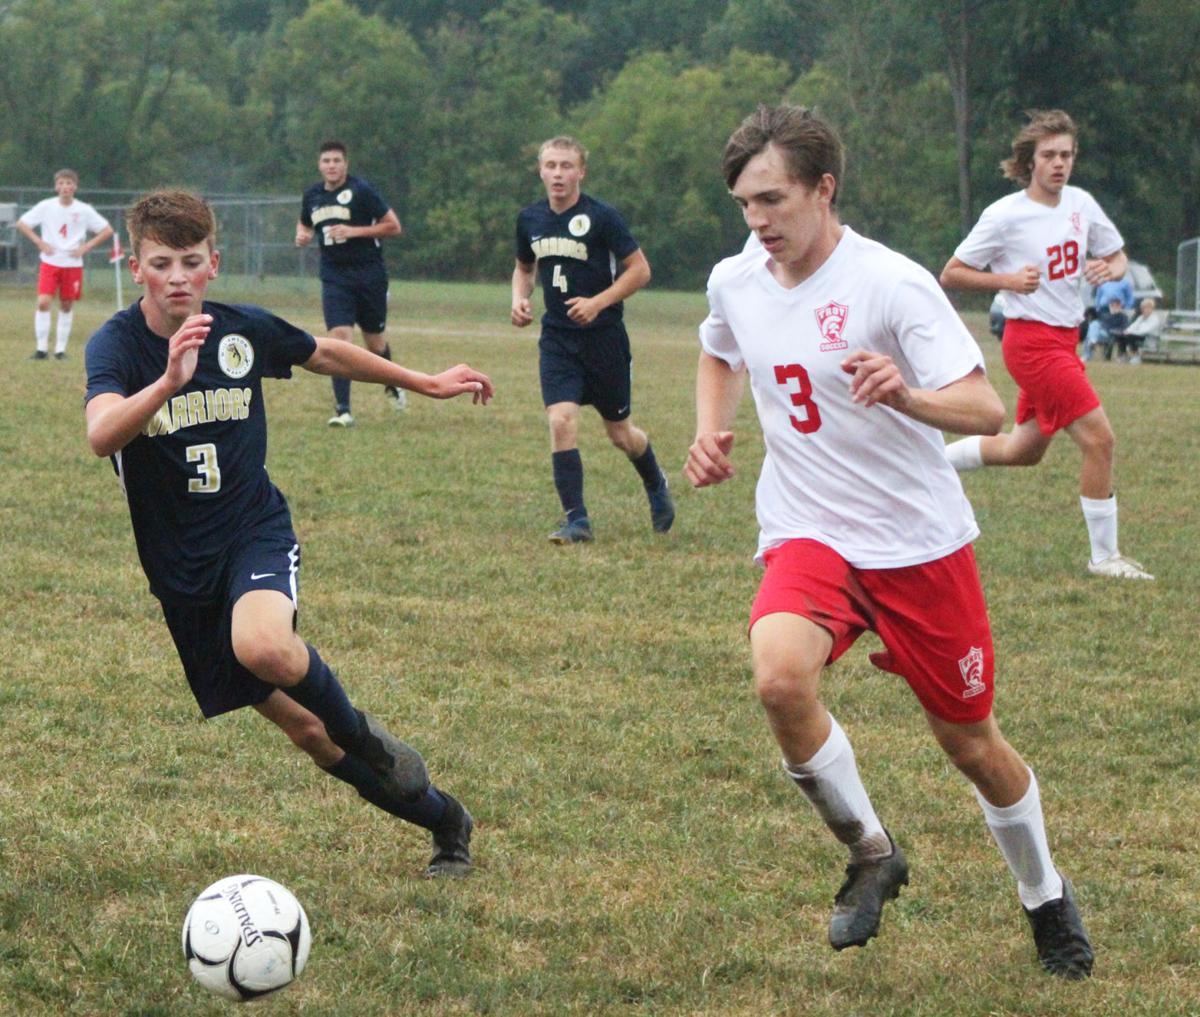 Williamson soccer player hustles for ball